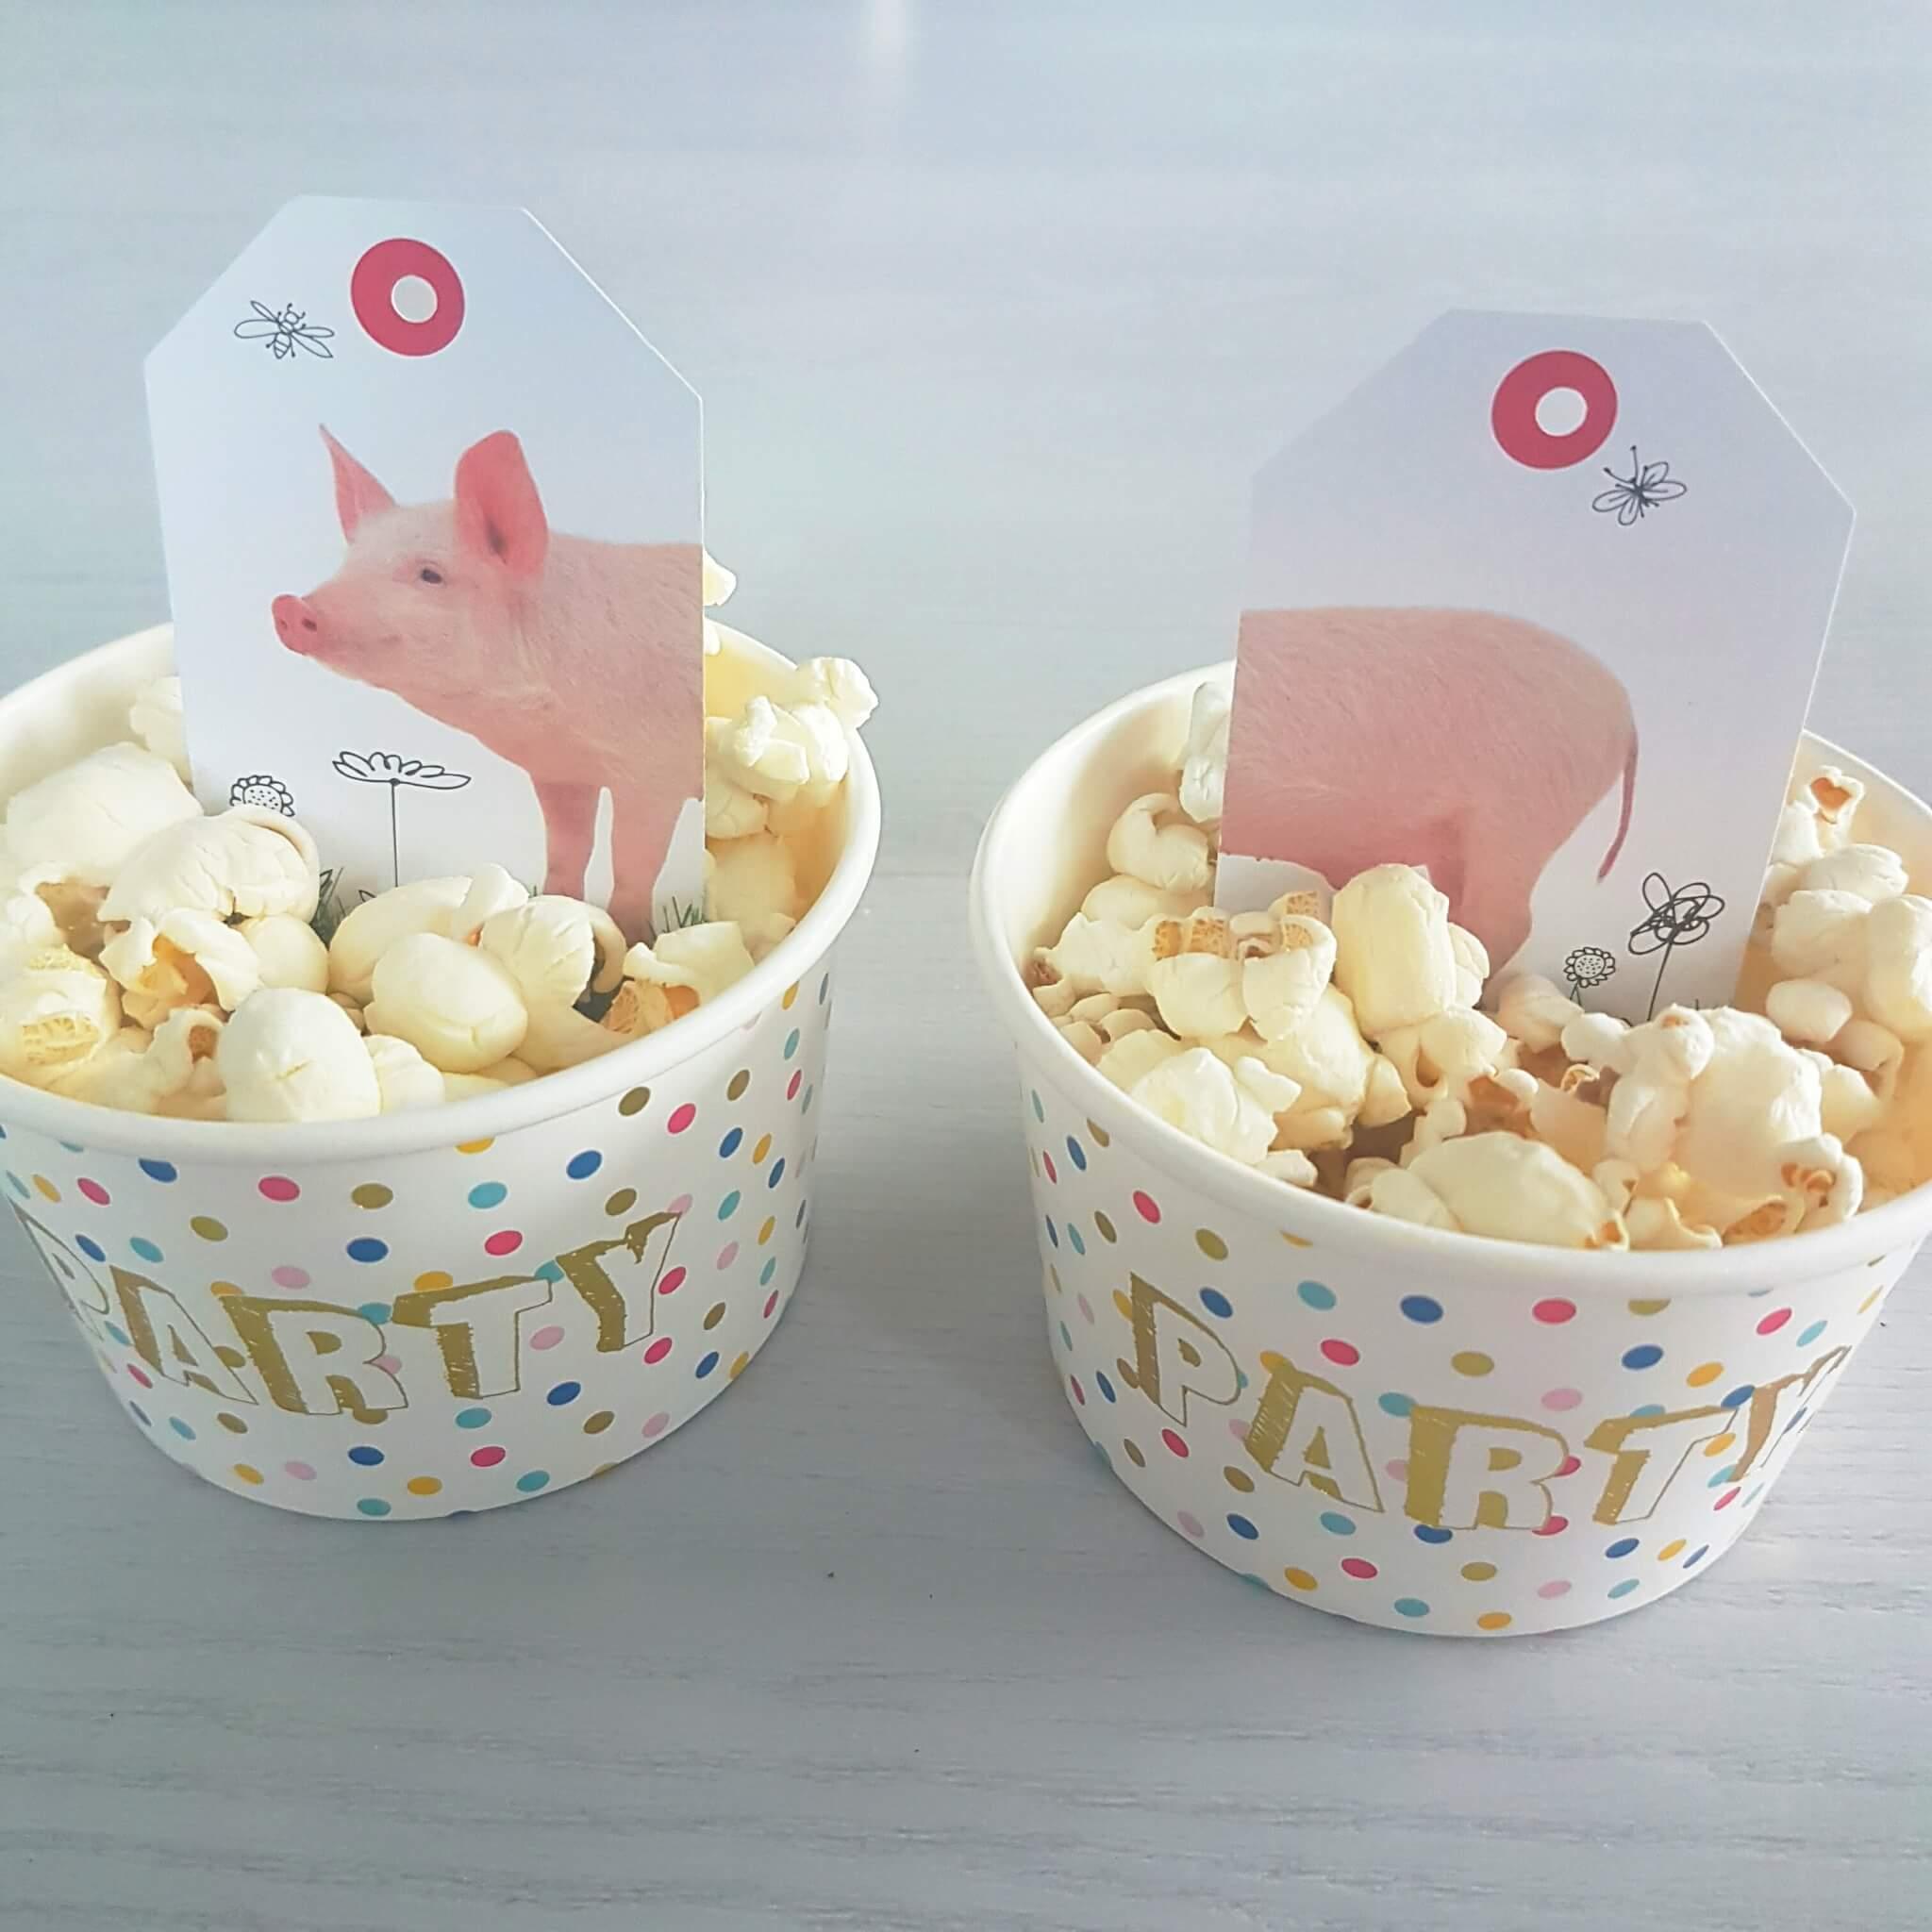 Snelle traktatie voor school: bakje popcorn mét een leuk spelletje